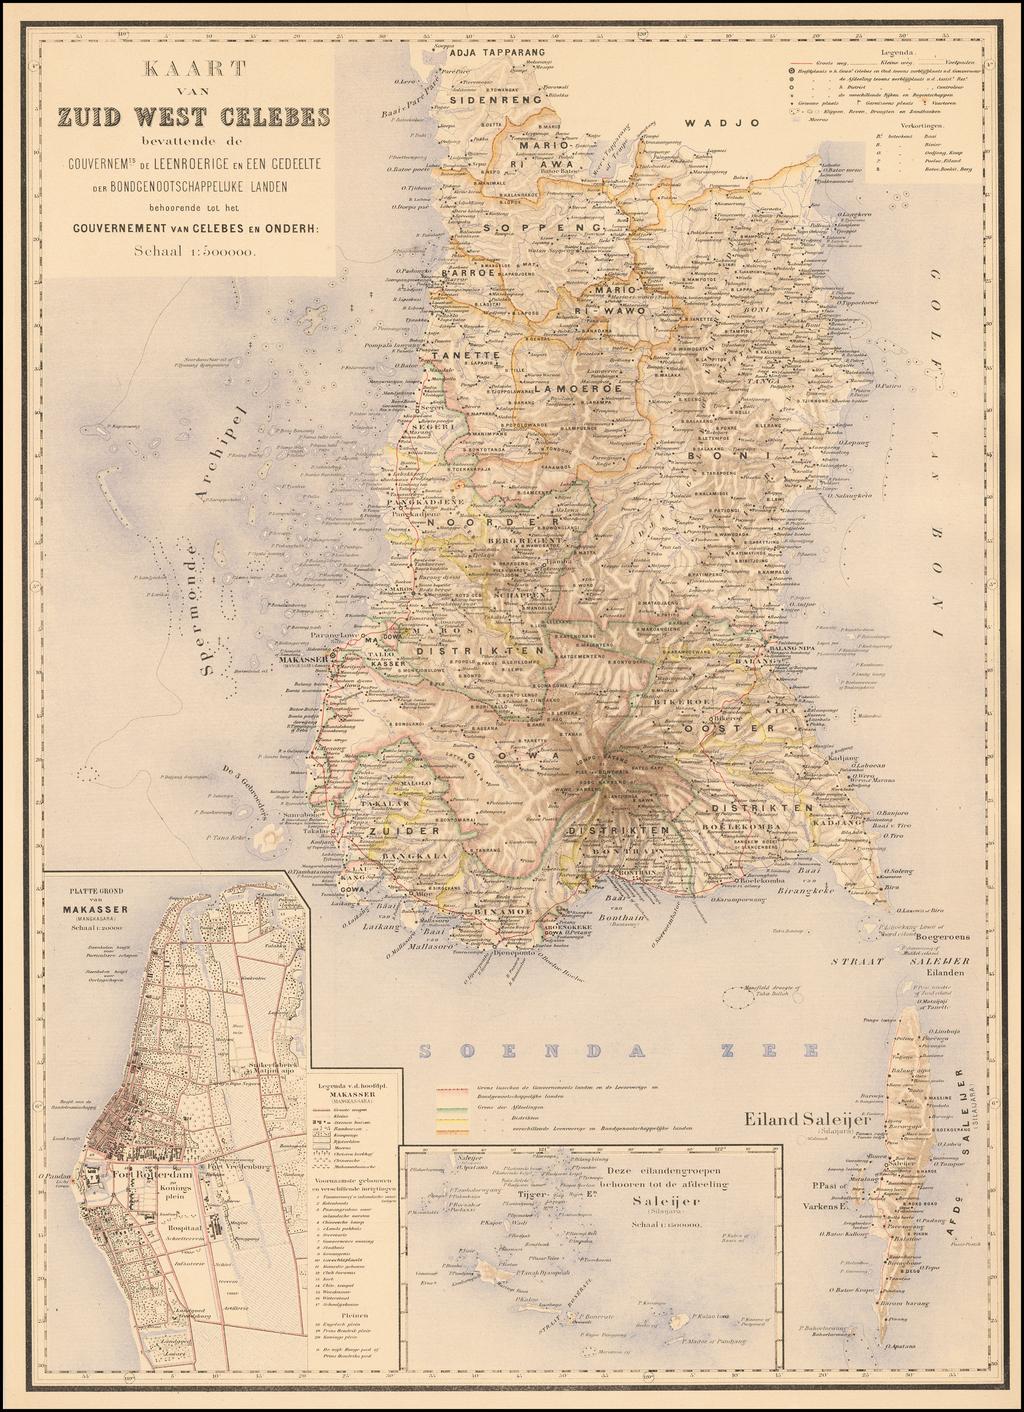 [Sulawesi] Kaart van Zuid West Celebes bevattende deGouvernemts. de Leenroerige en Een Gedeelte der Bondgenootschappelijke Landen behoorende tot het Gouvernements van Celebes en Onderh . . .  By J.W. Stemfoort